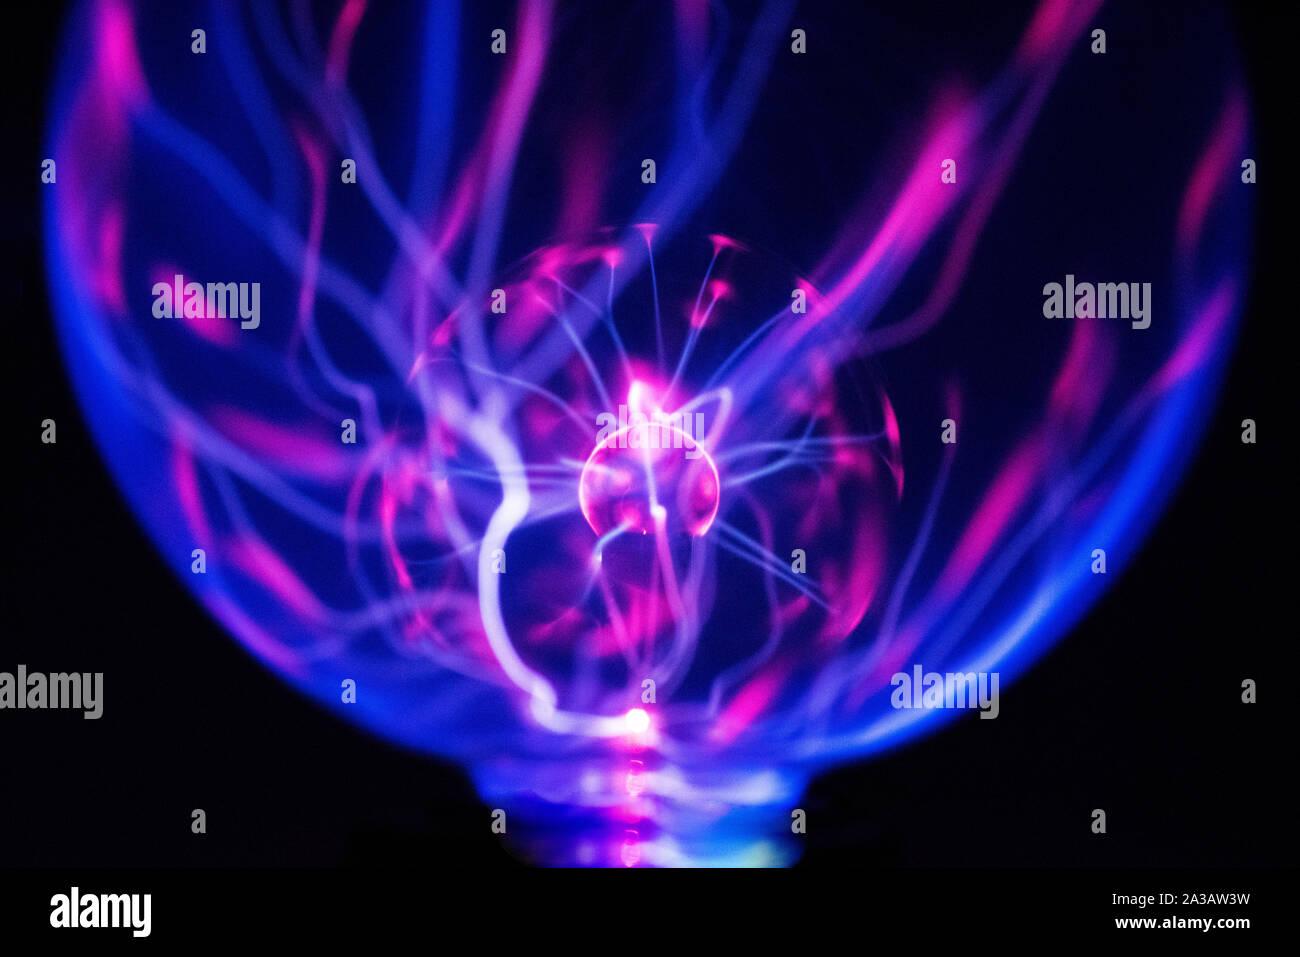 Bola de fuego eléctrico. Fotografía abstracta de ondas eléctricas. La electricidad estática - Stock Image Foto de stock